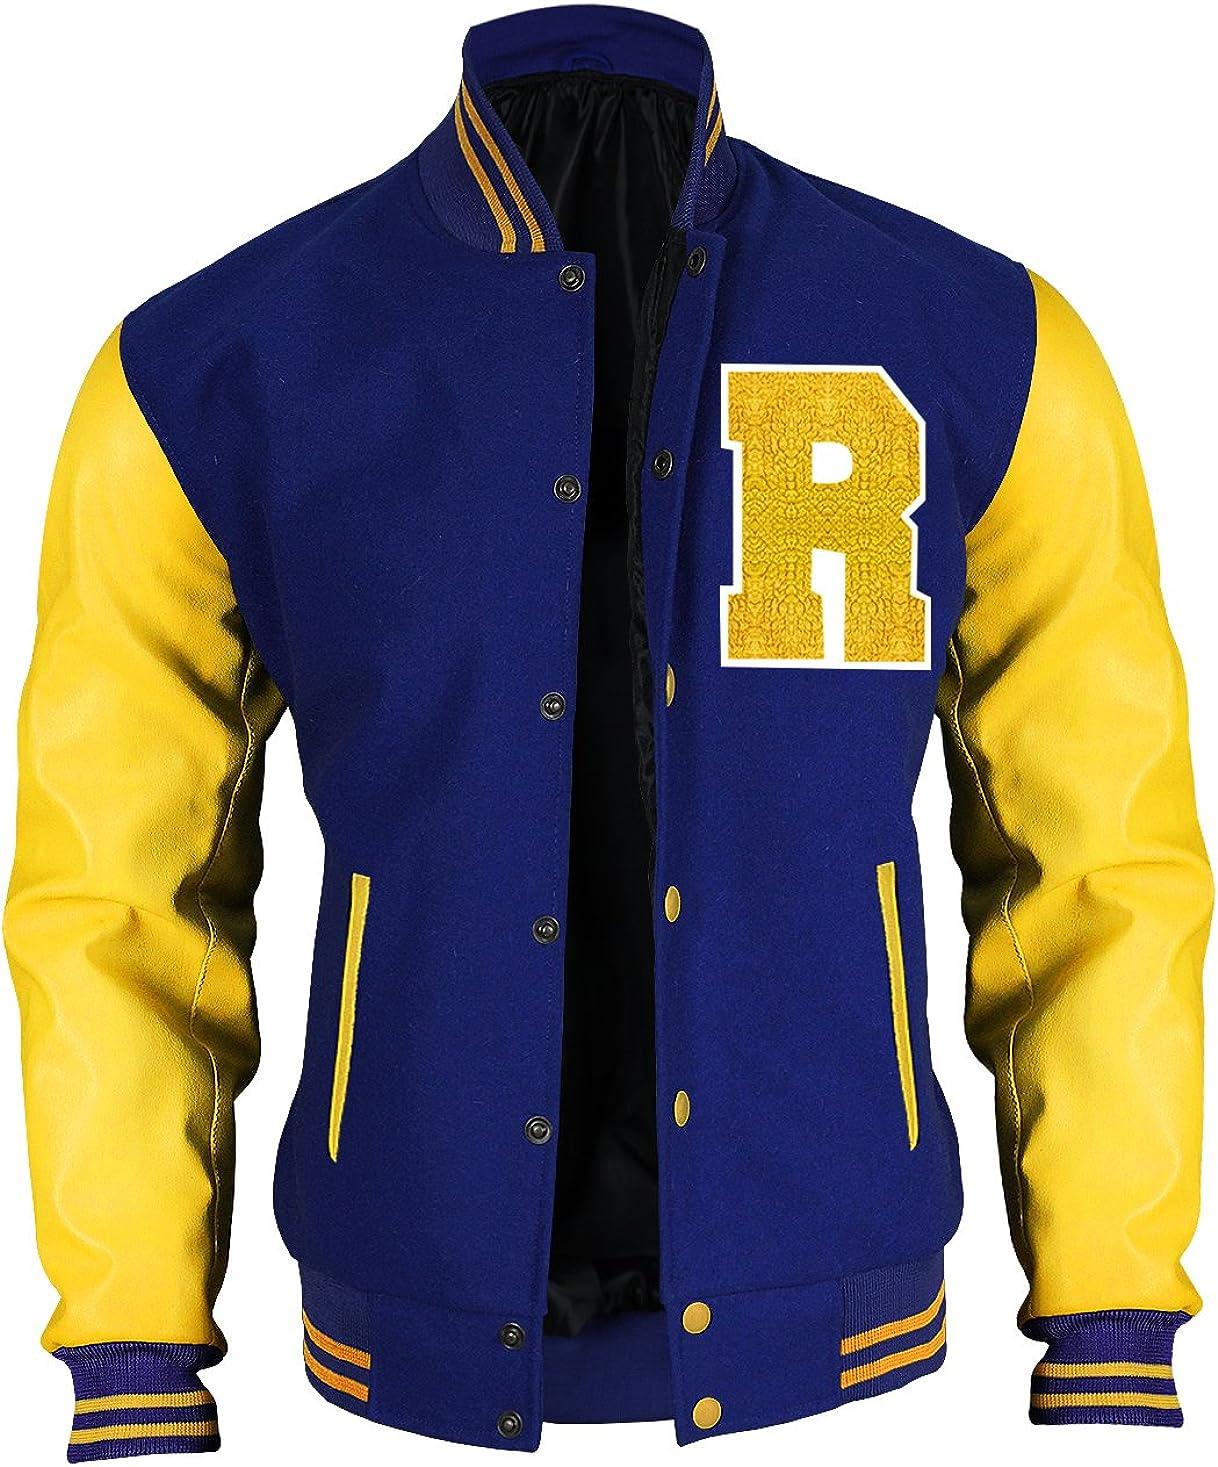 Fashion/_First Riverdale Jacket Archie Andrews KJ APA Varsity Letterman R Bomber Veste en cuir